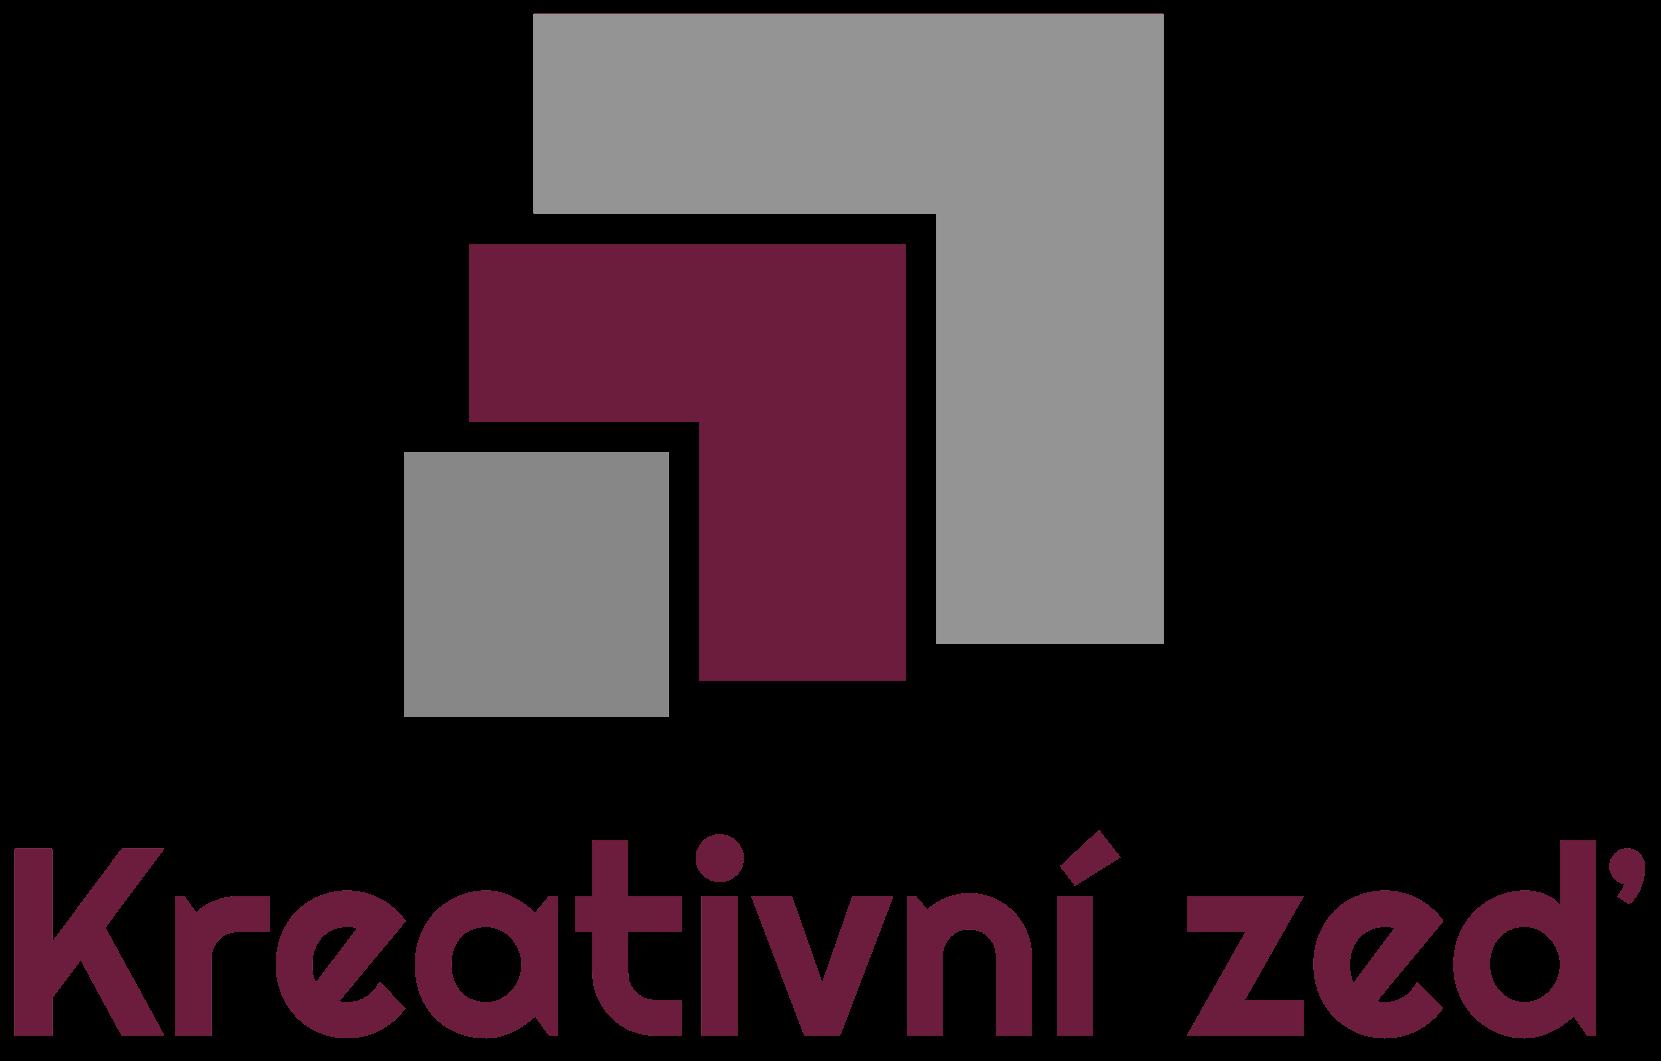 Kreativnized.cz